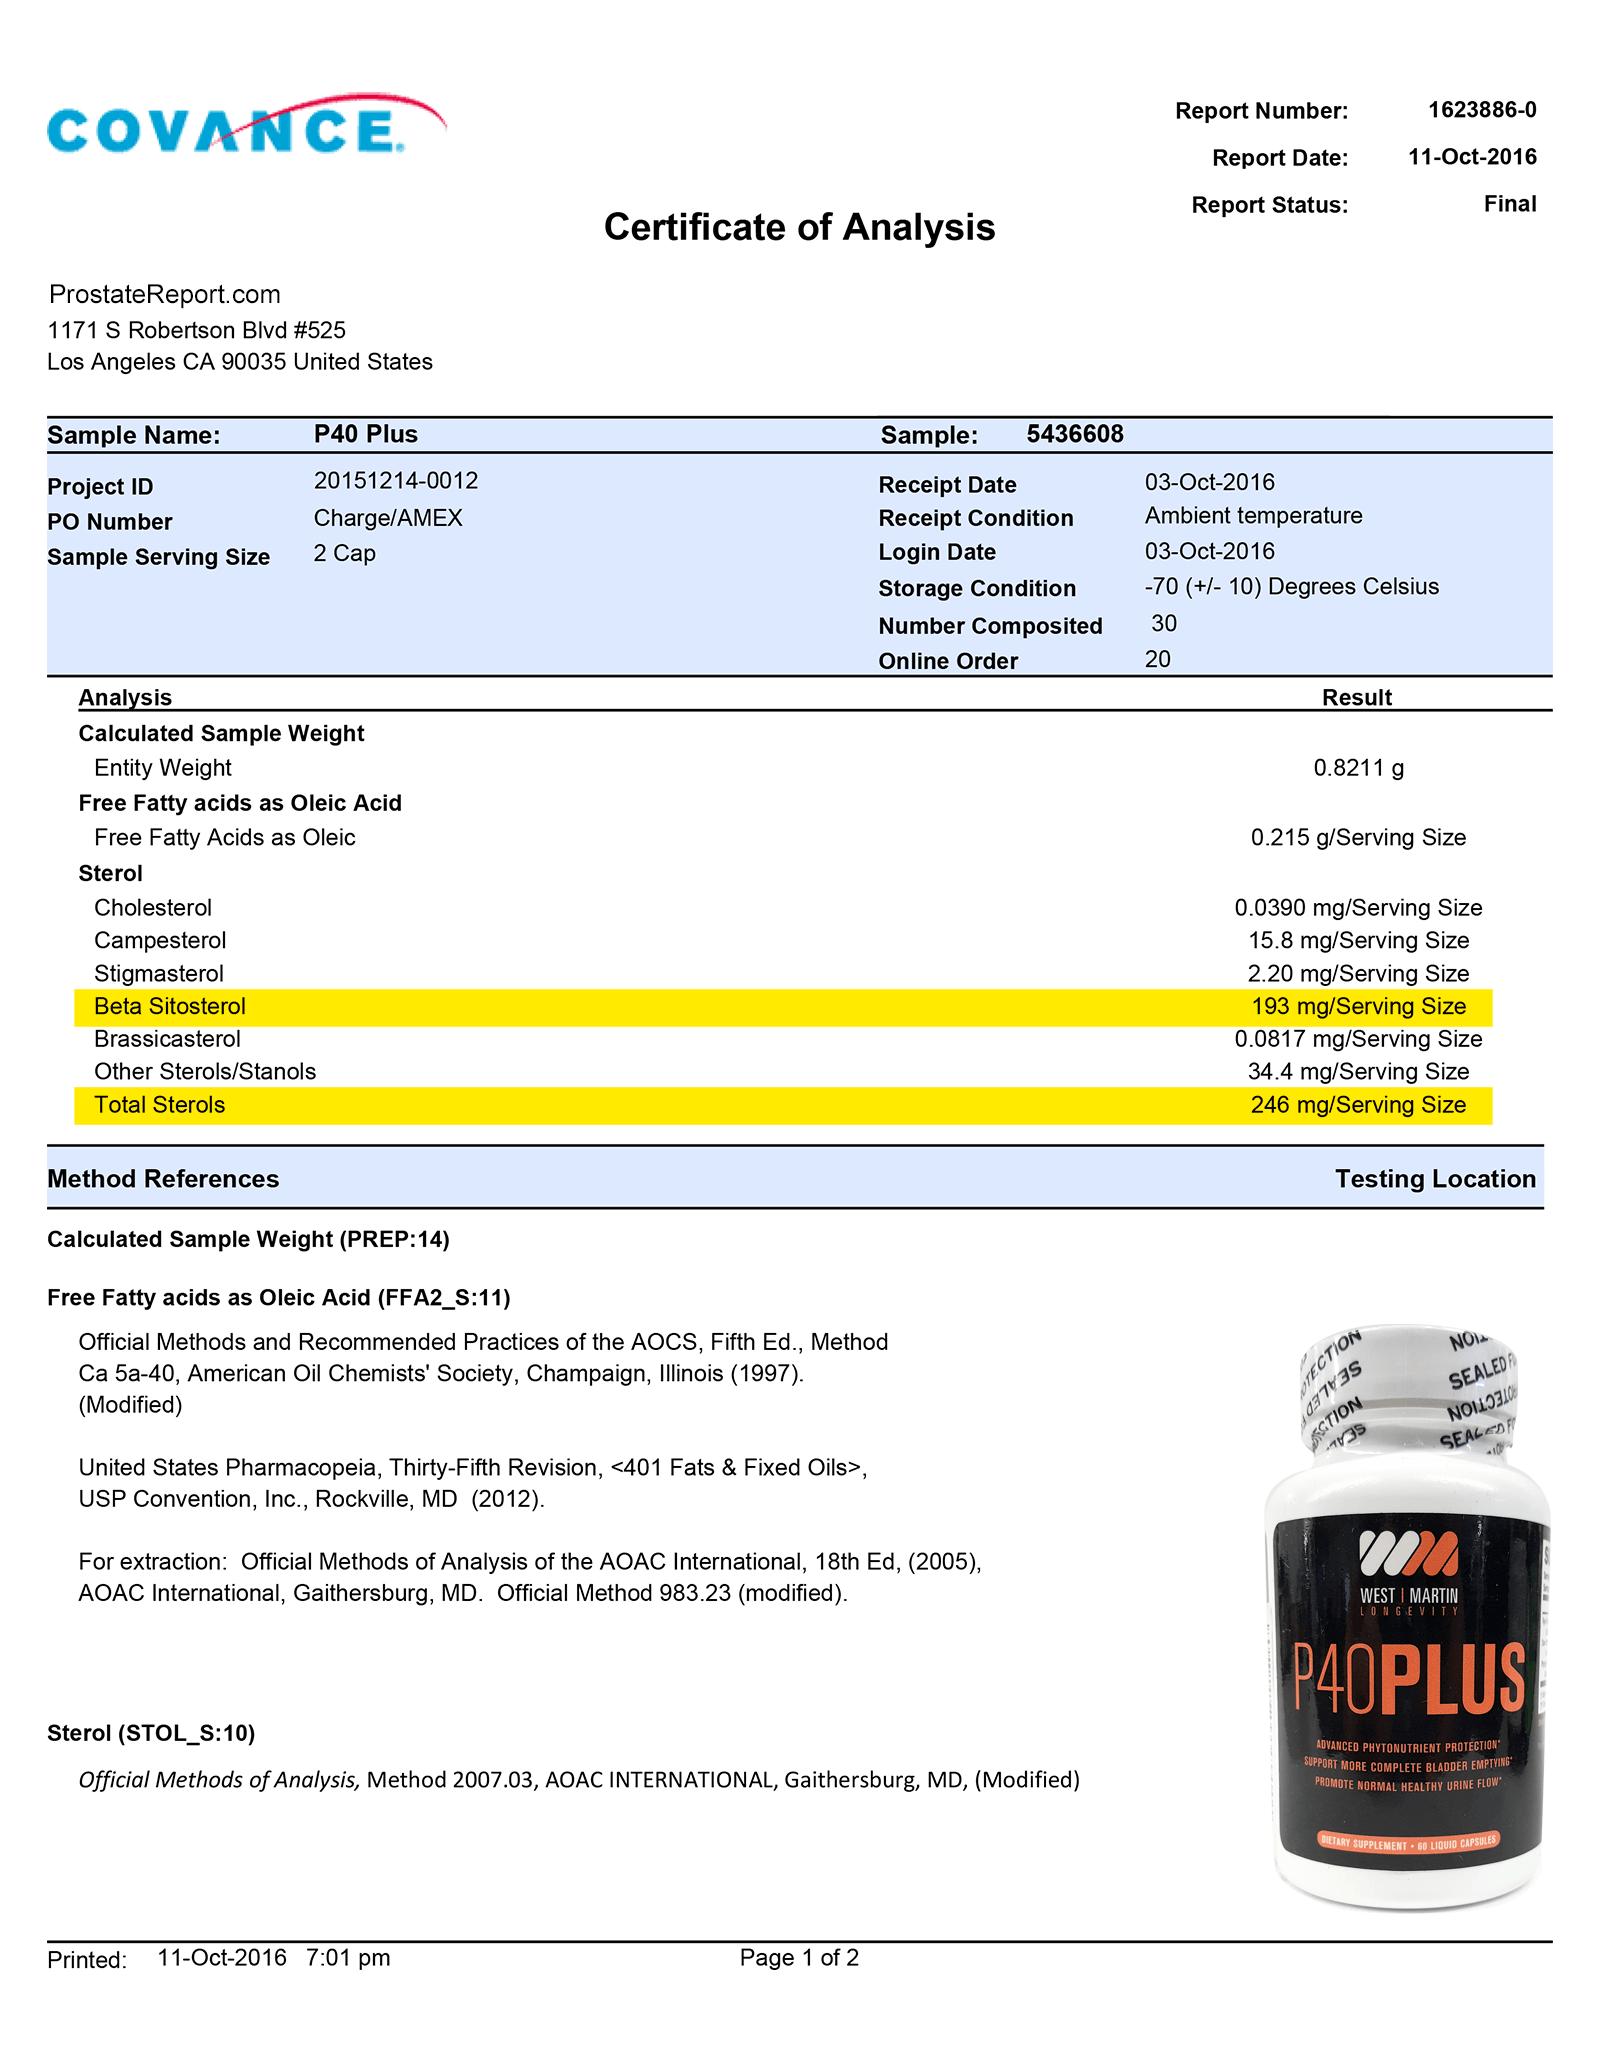 P40 Plus lab report